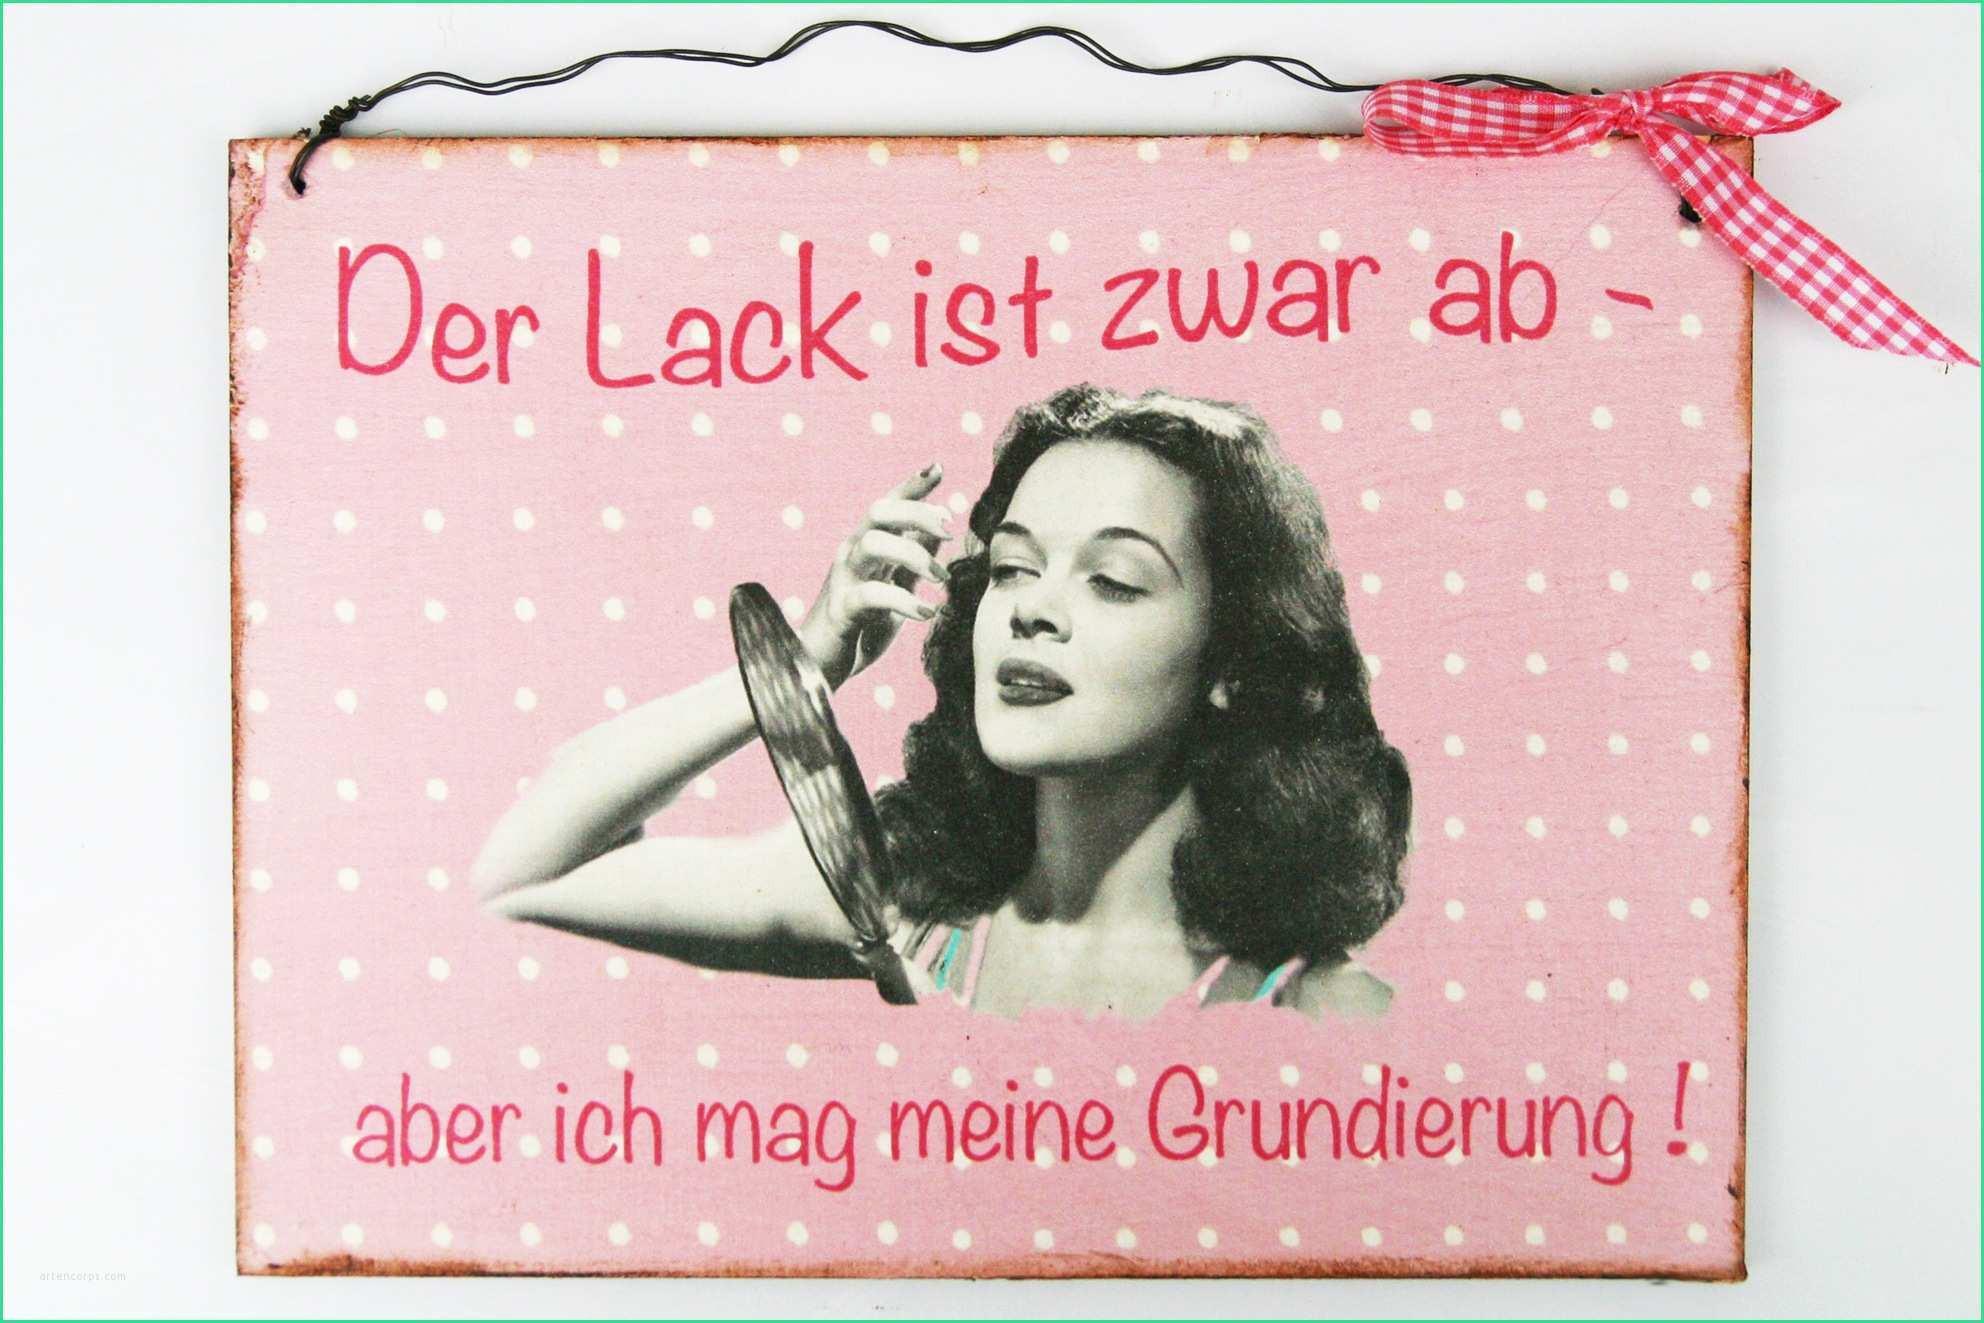 Geburtstagswünsche Frau Lustig  Geburtstagssprüche 40 Frau Lustig Great Geschenk 80